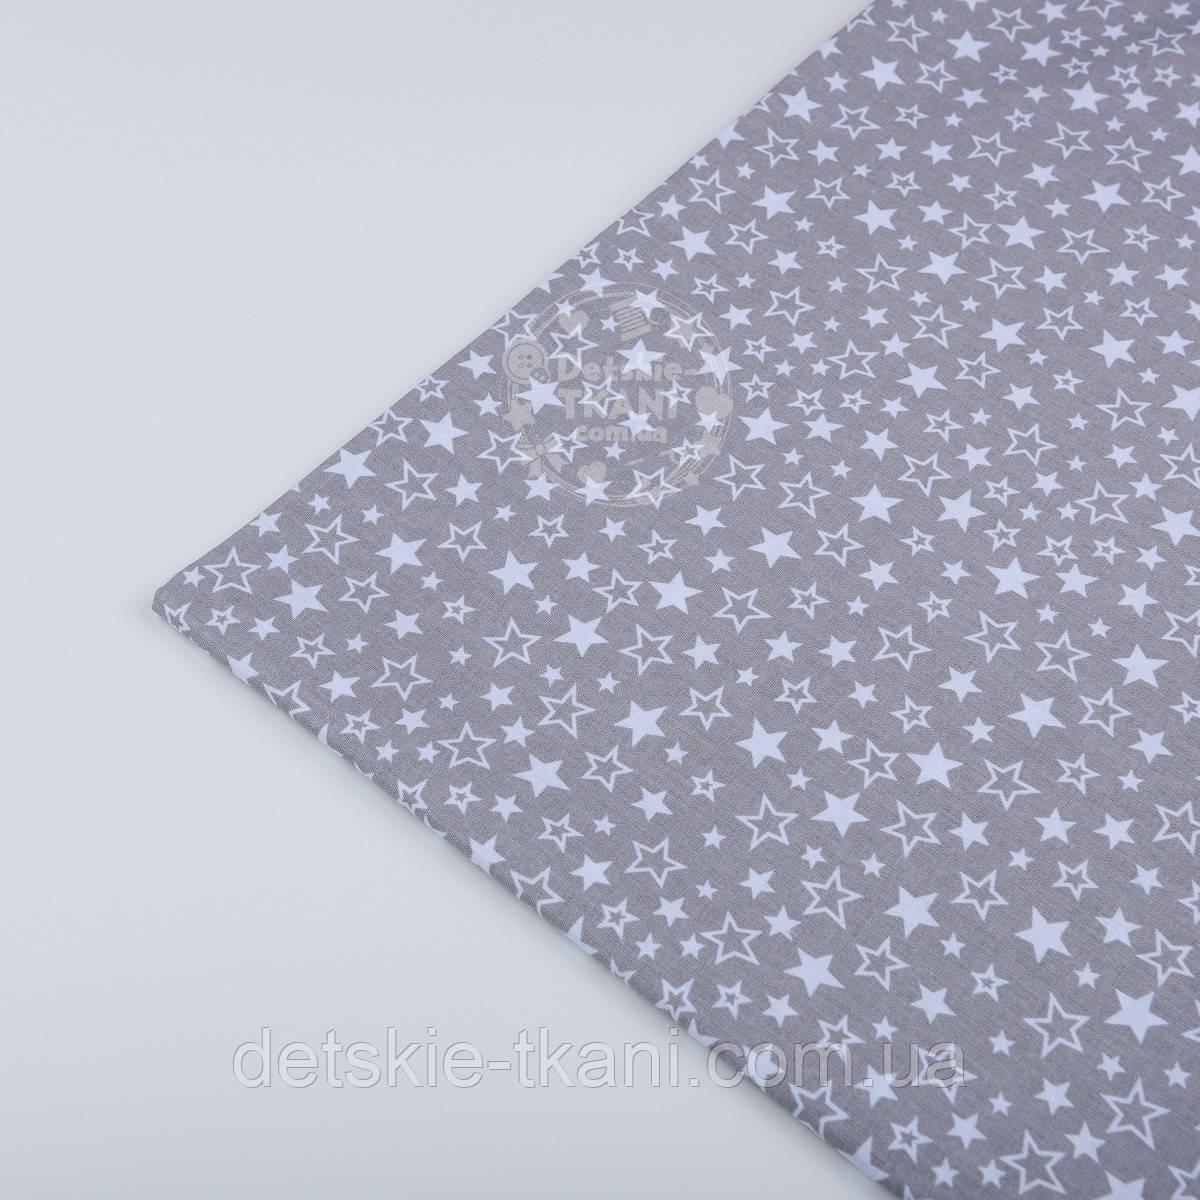 Лоскут ткани №607 с серыми и прозрачными звёздочками на сером фоне